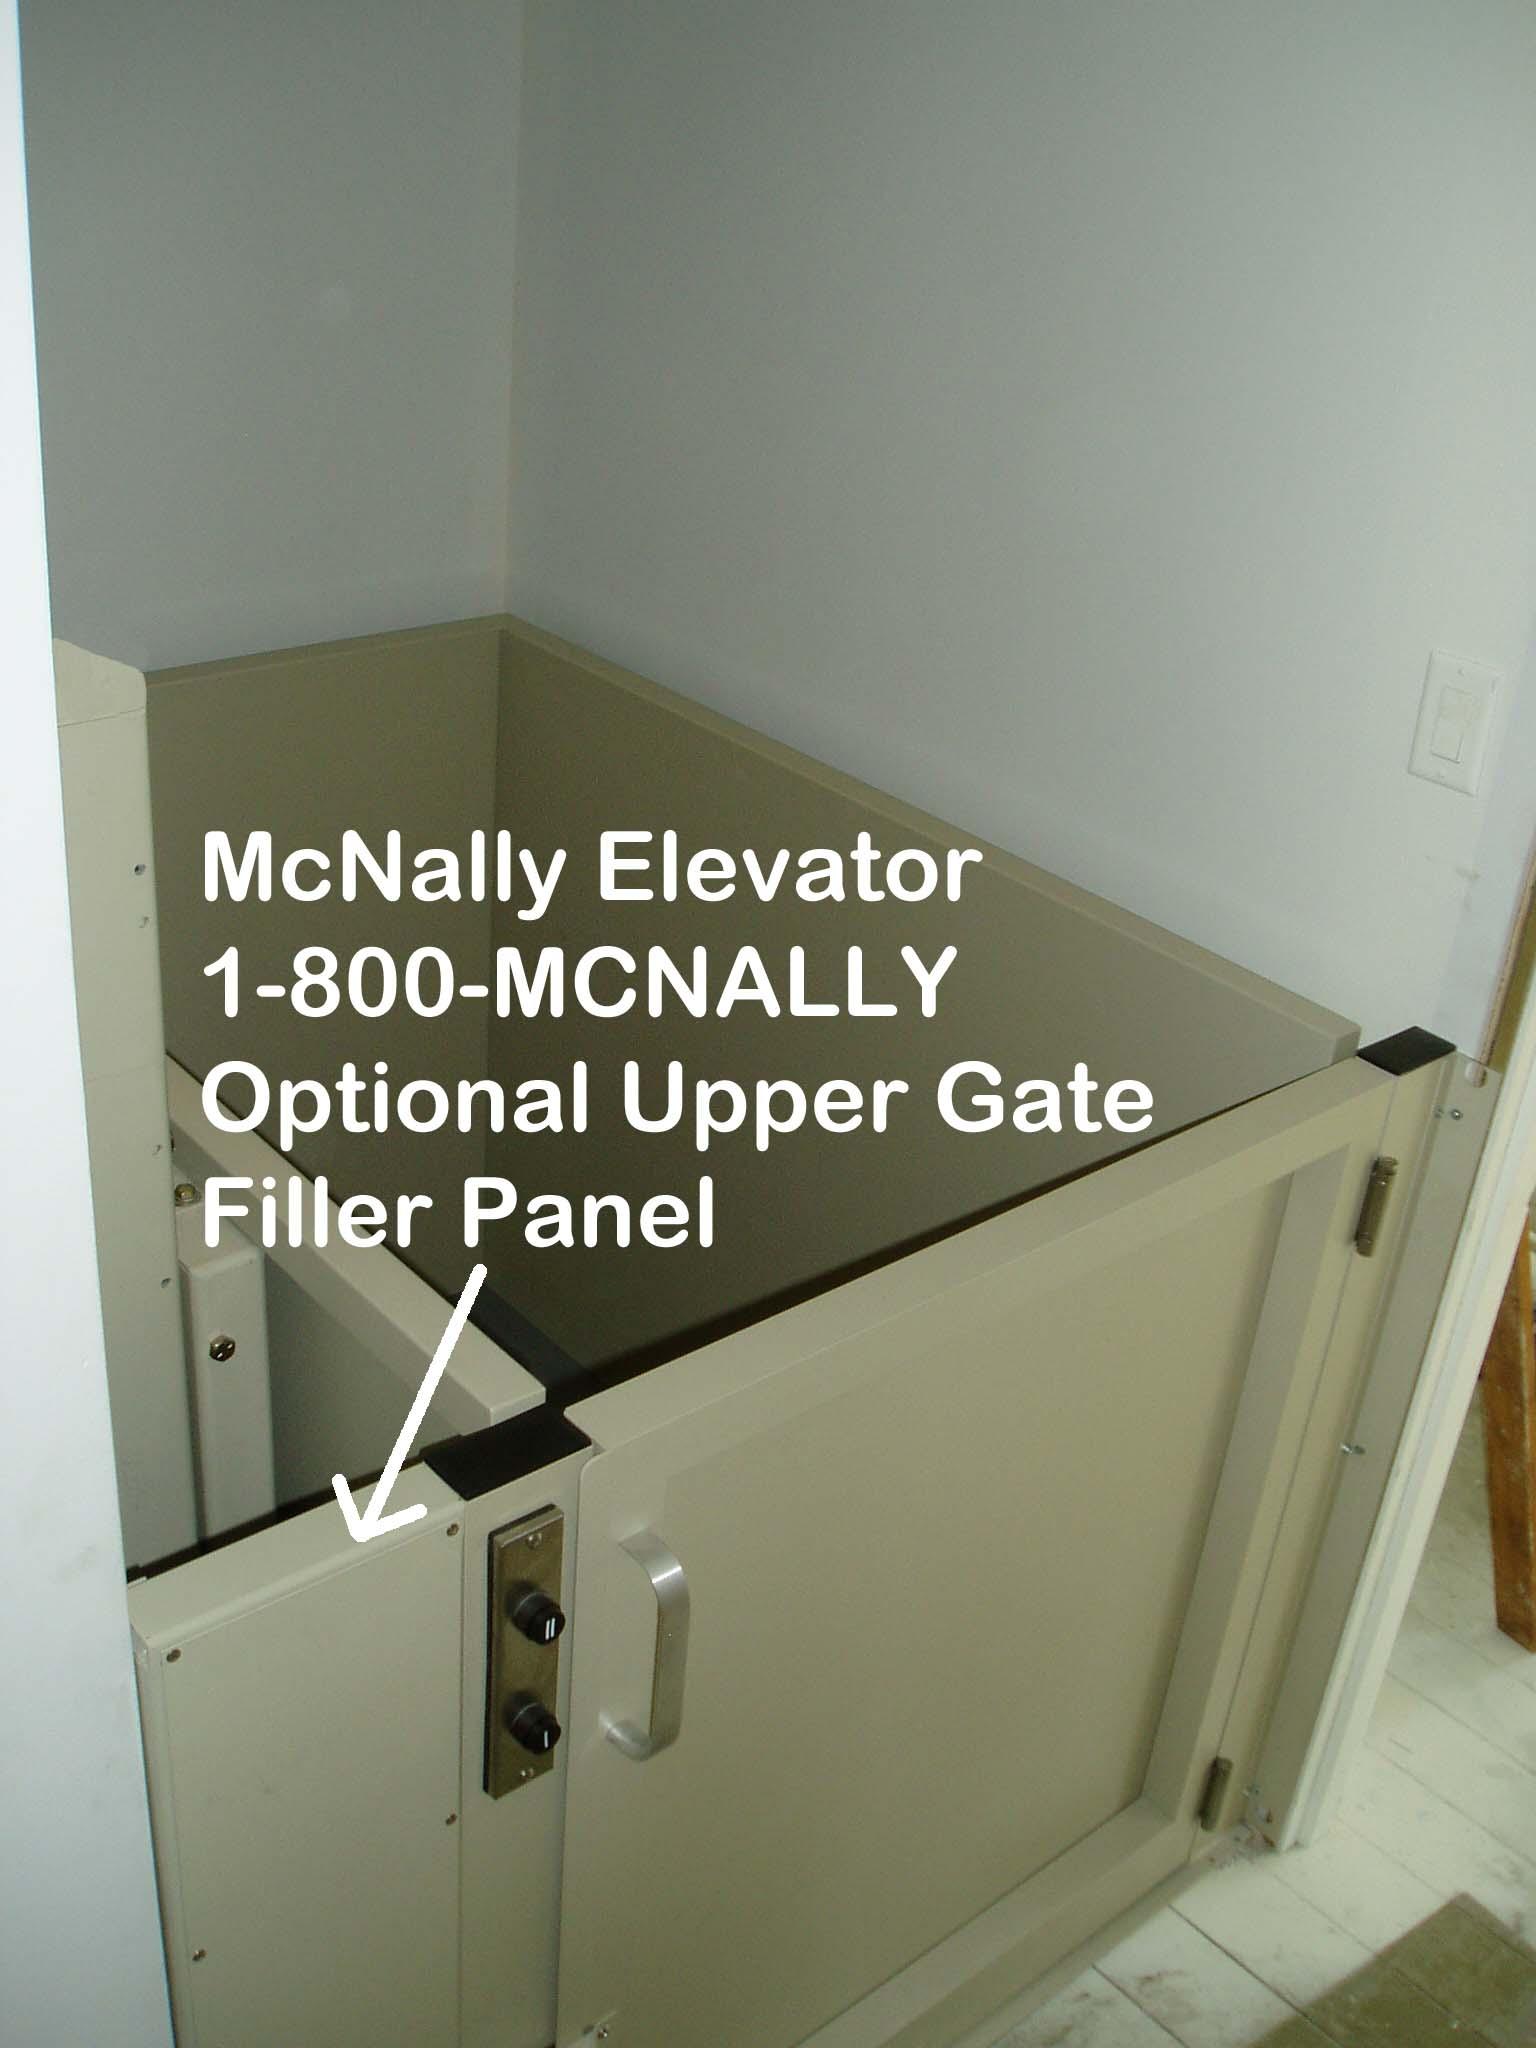 Upper Gate Filler Panel.jpg